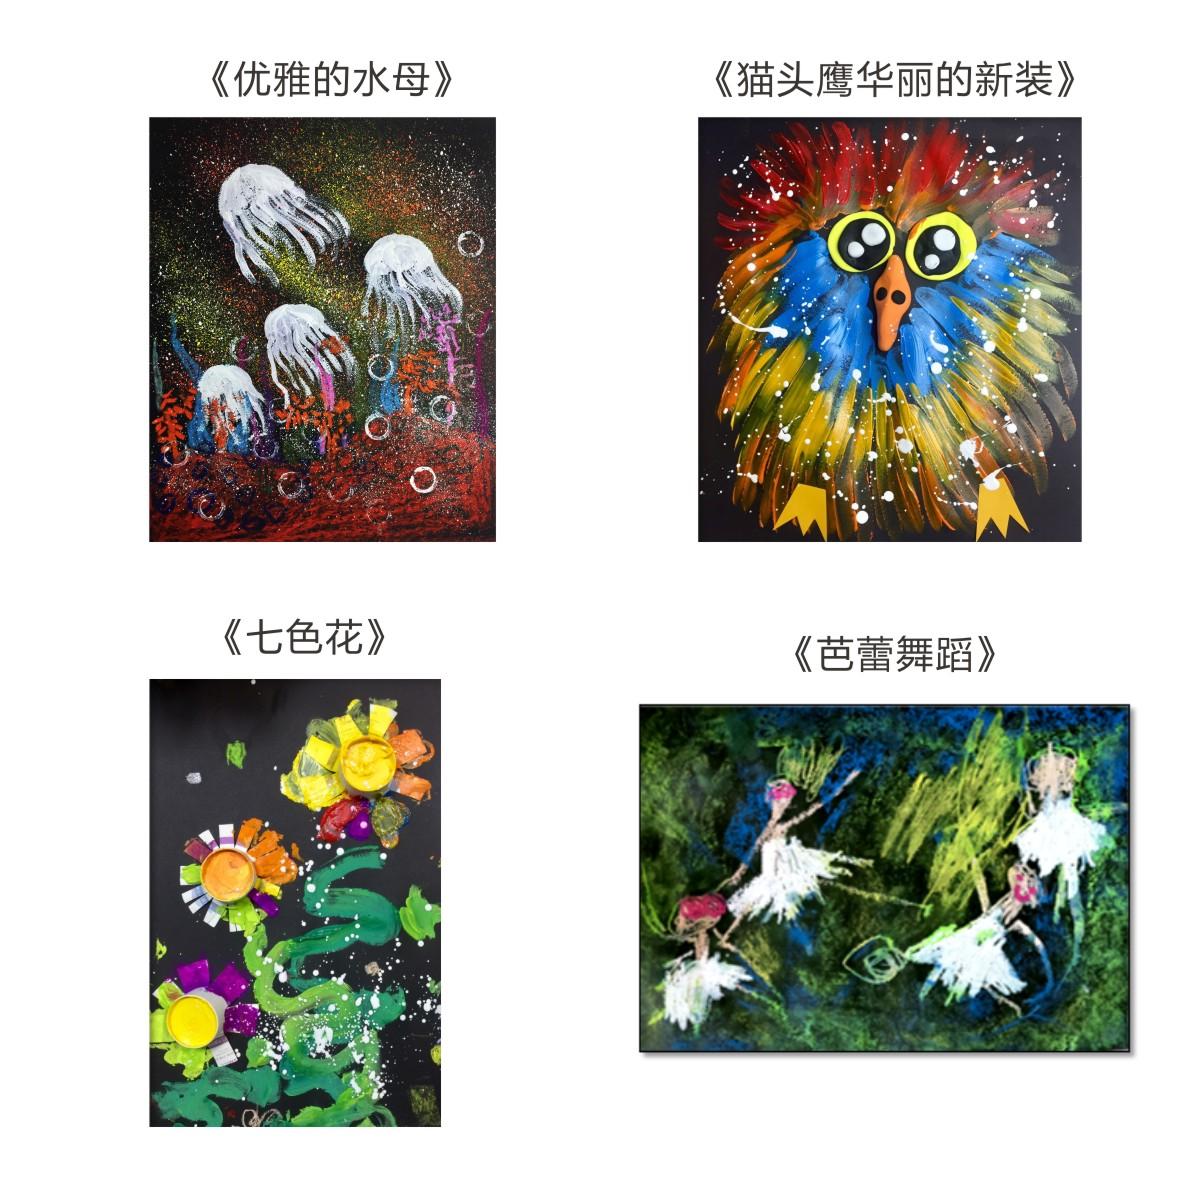 米鹿藝術3-5歲少兒創意繪畫美術課程教案培訓PPT課件16節